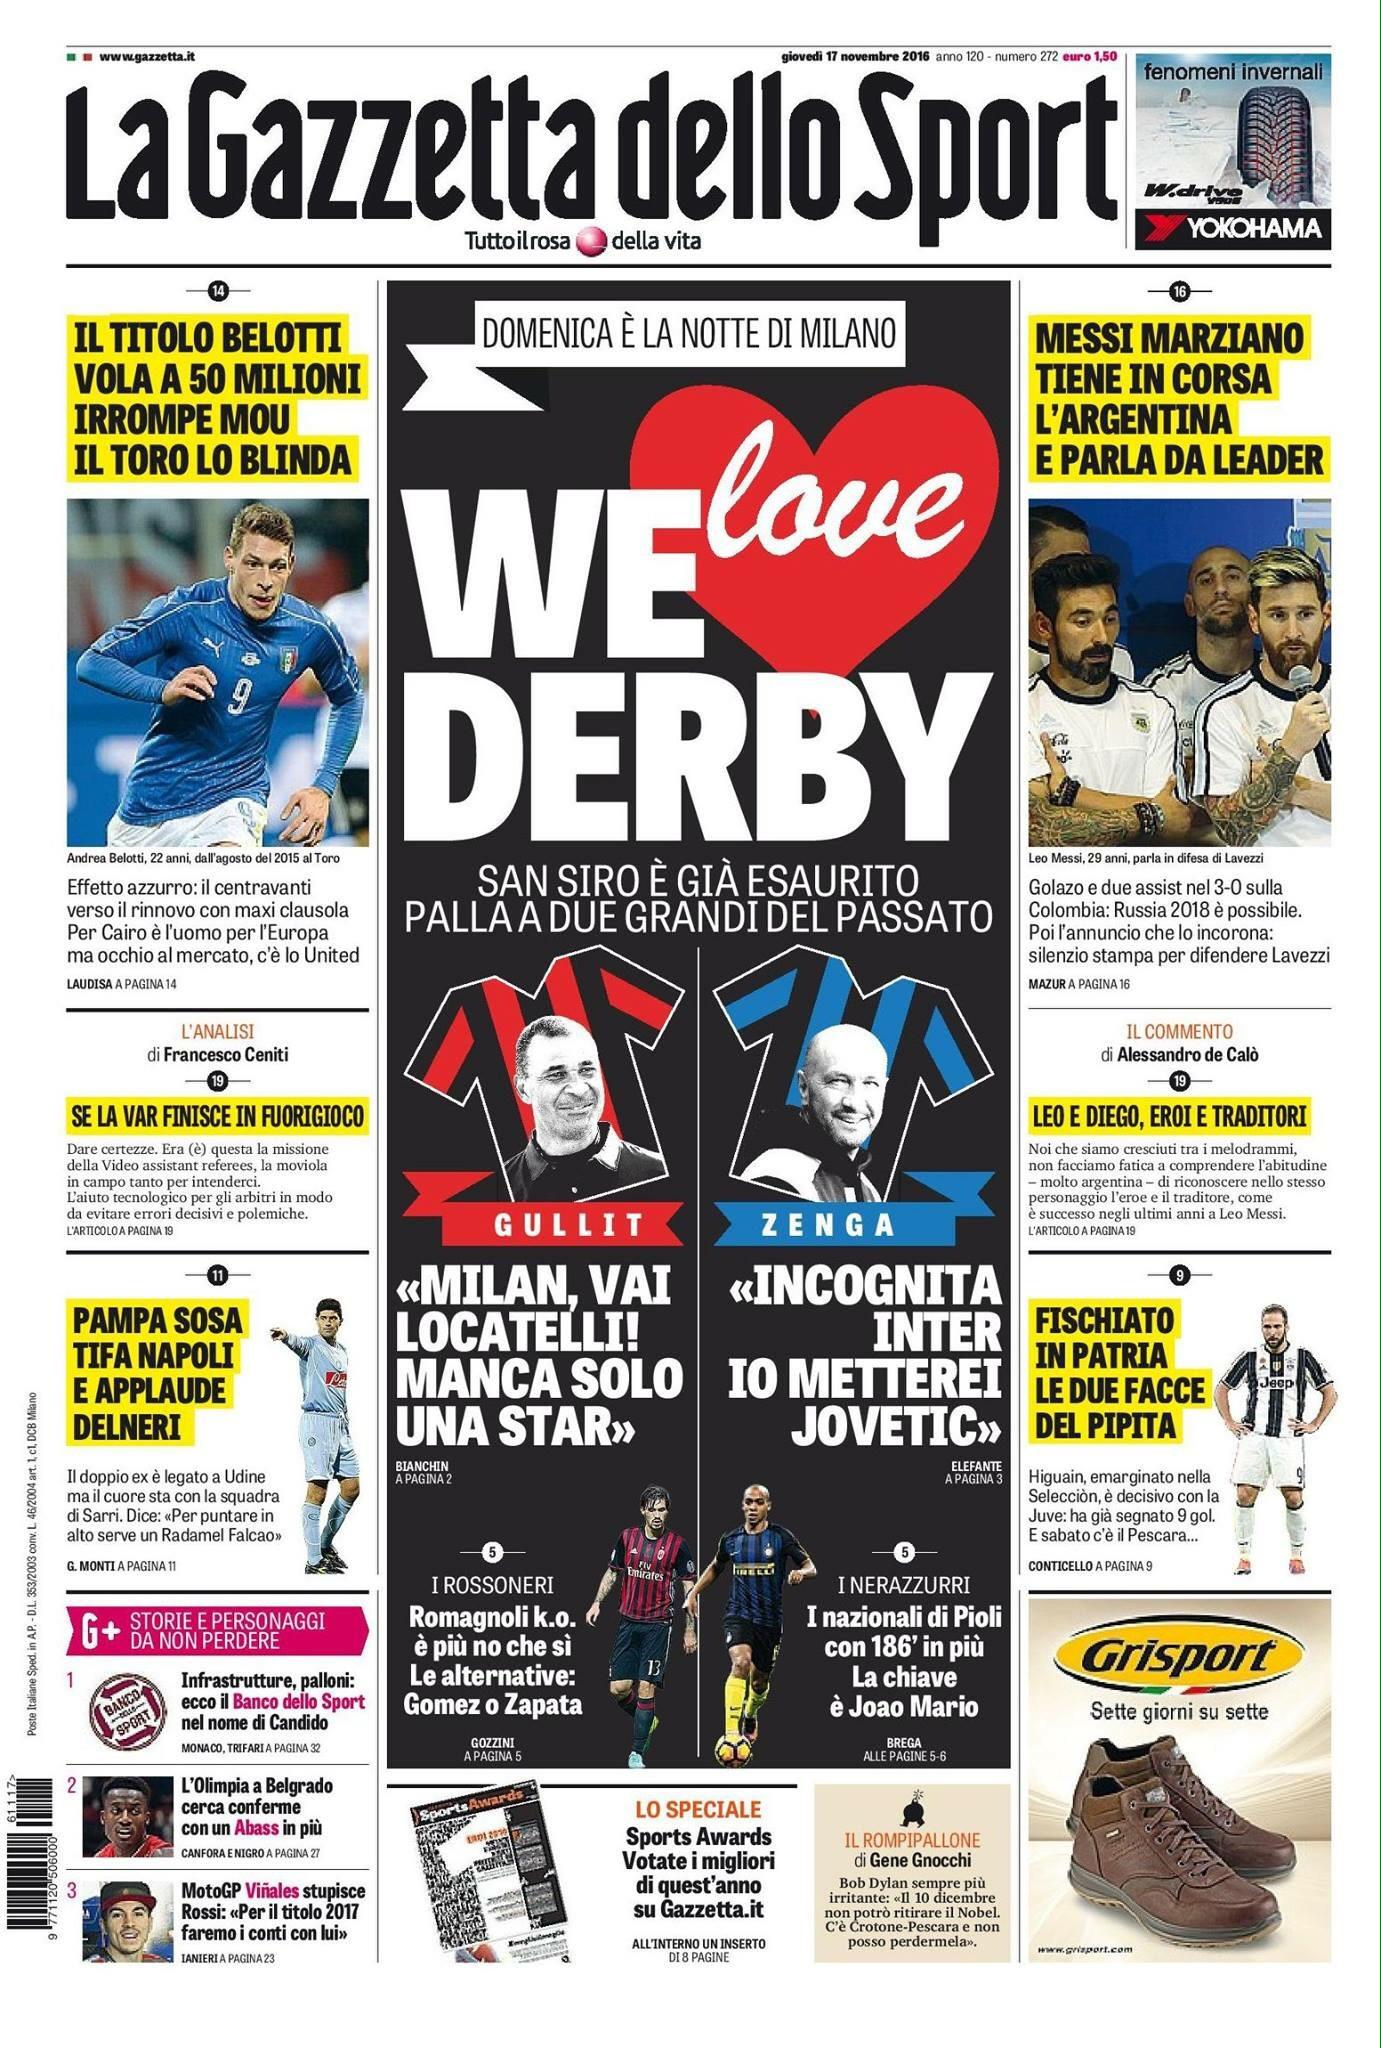 Rassegna stampa sportiva 17 novembre 2016